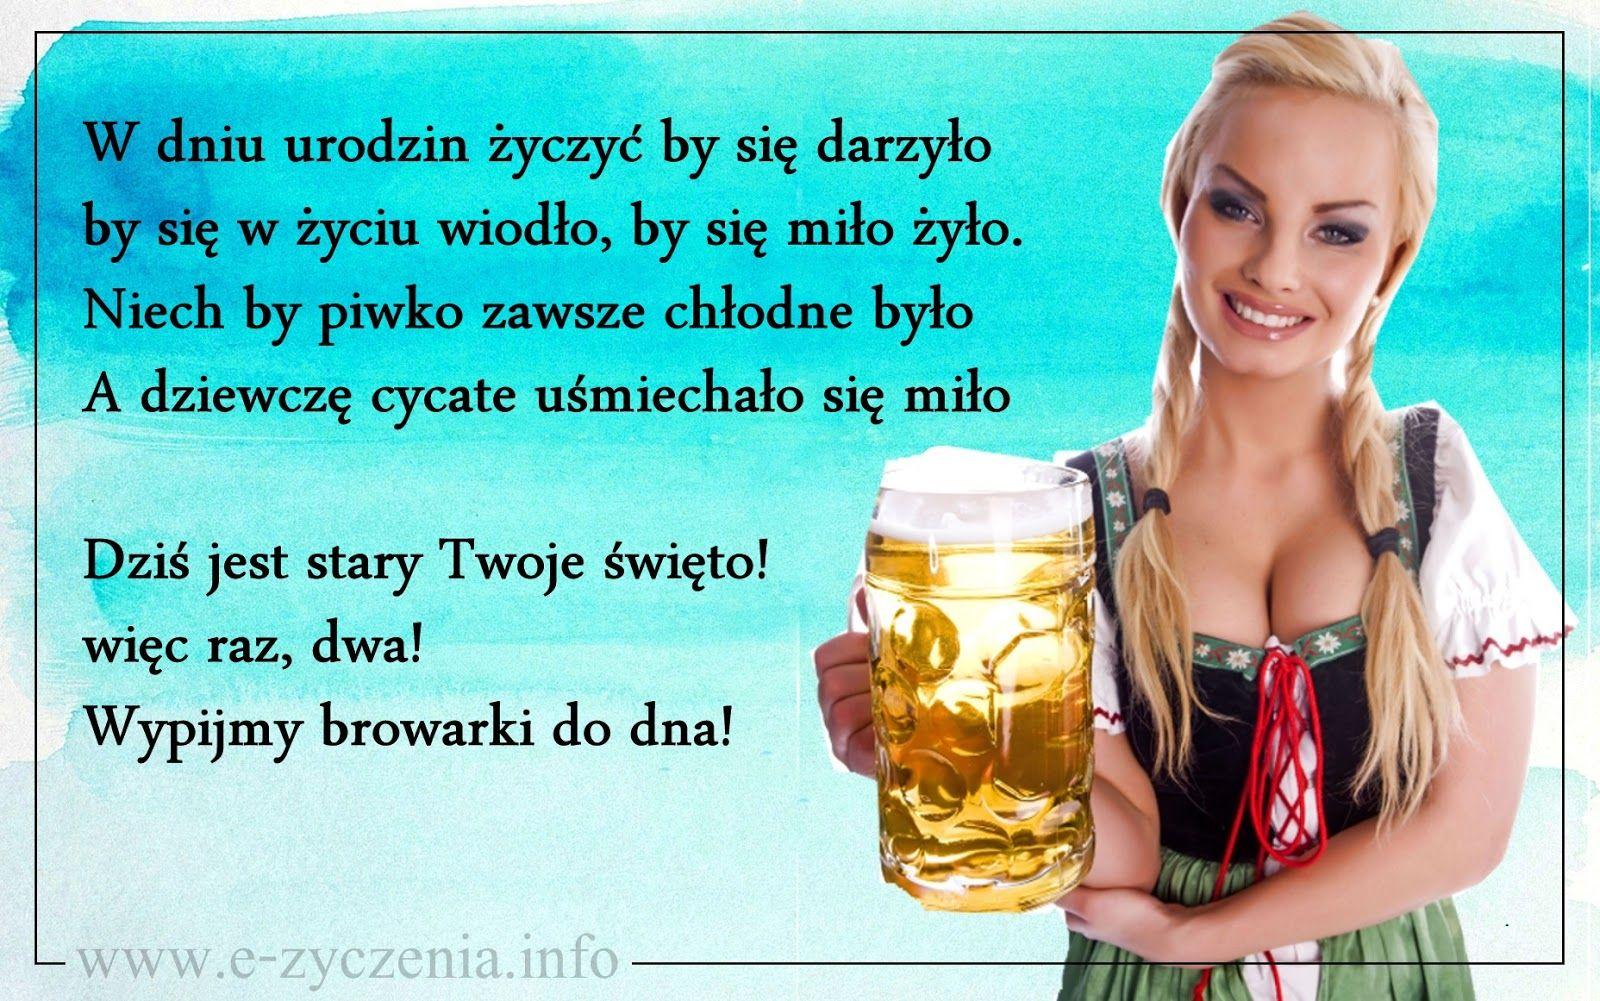 Zyczenia Urodzinowe Dla Faceta Z Piwem I Blondyna Zyczenie Memy